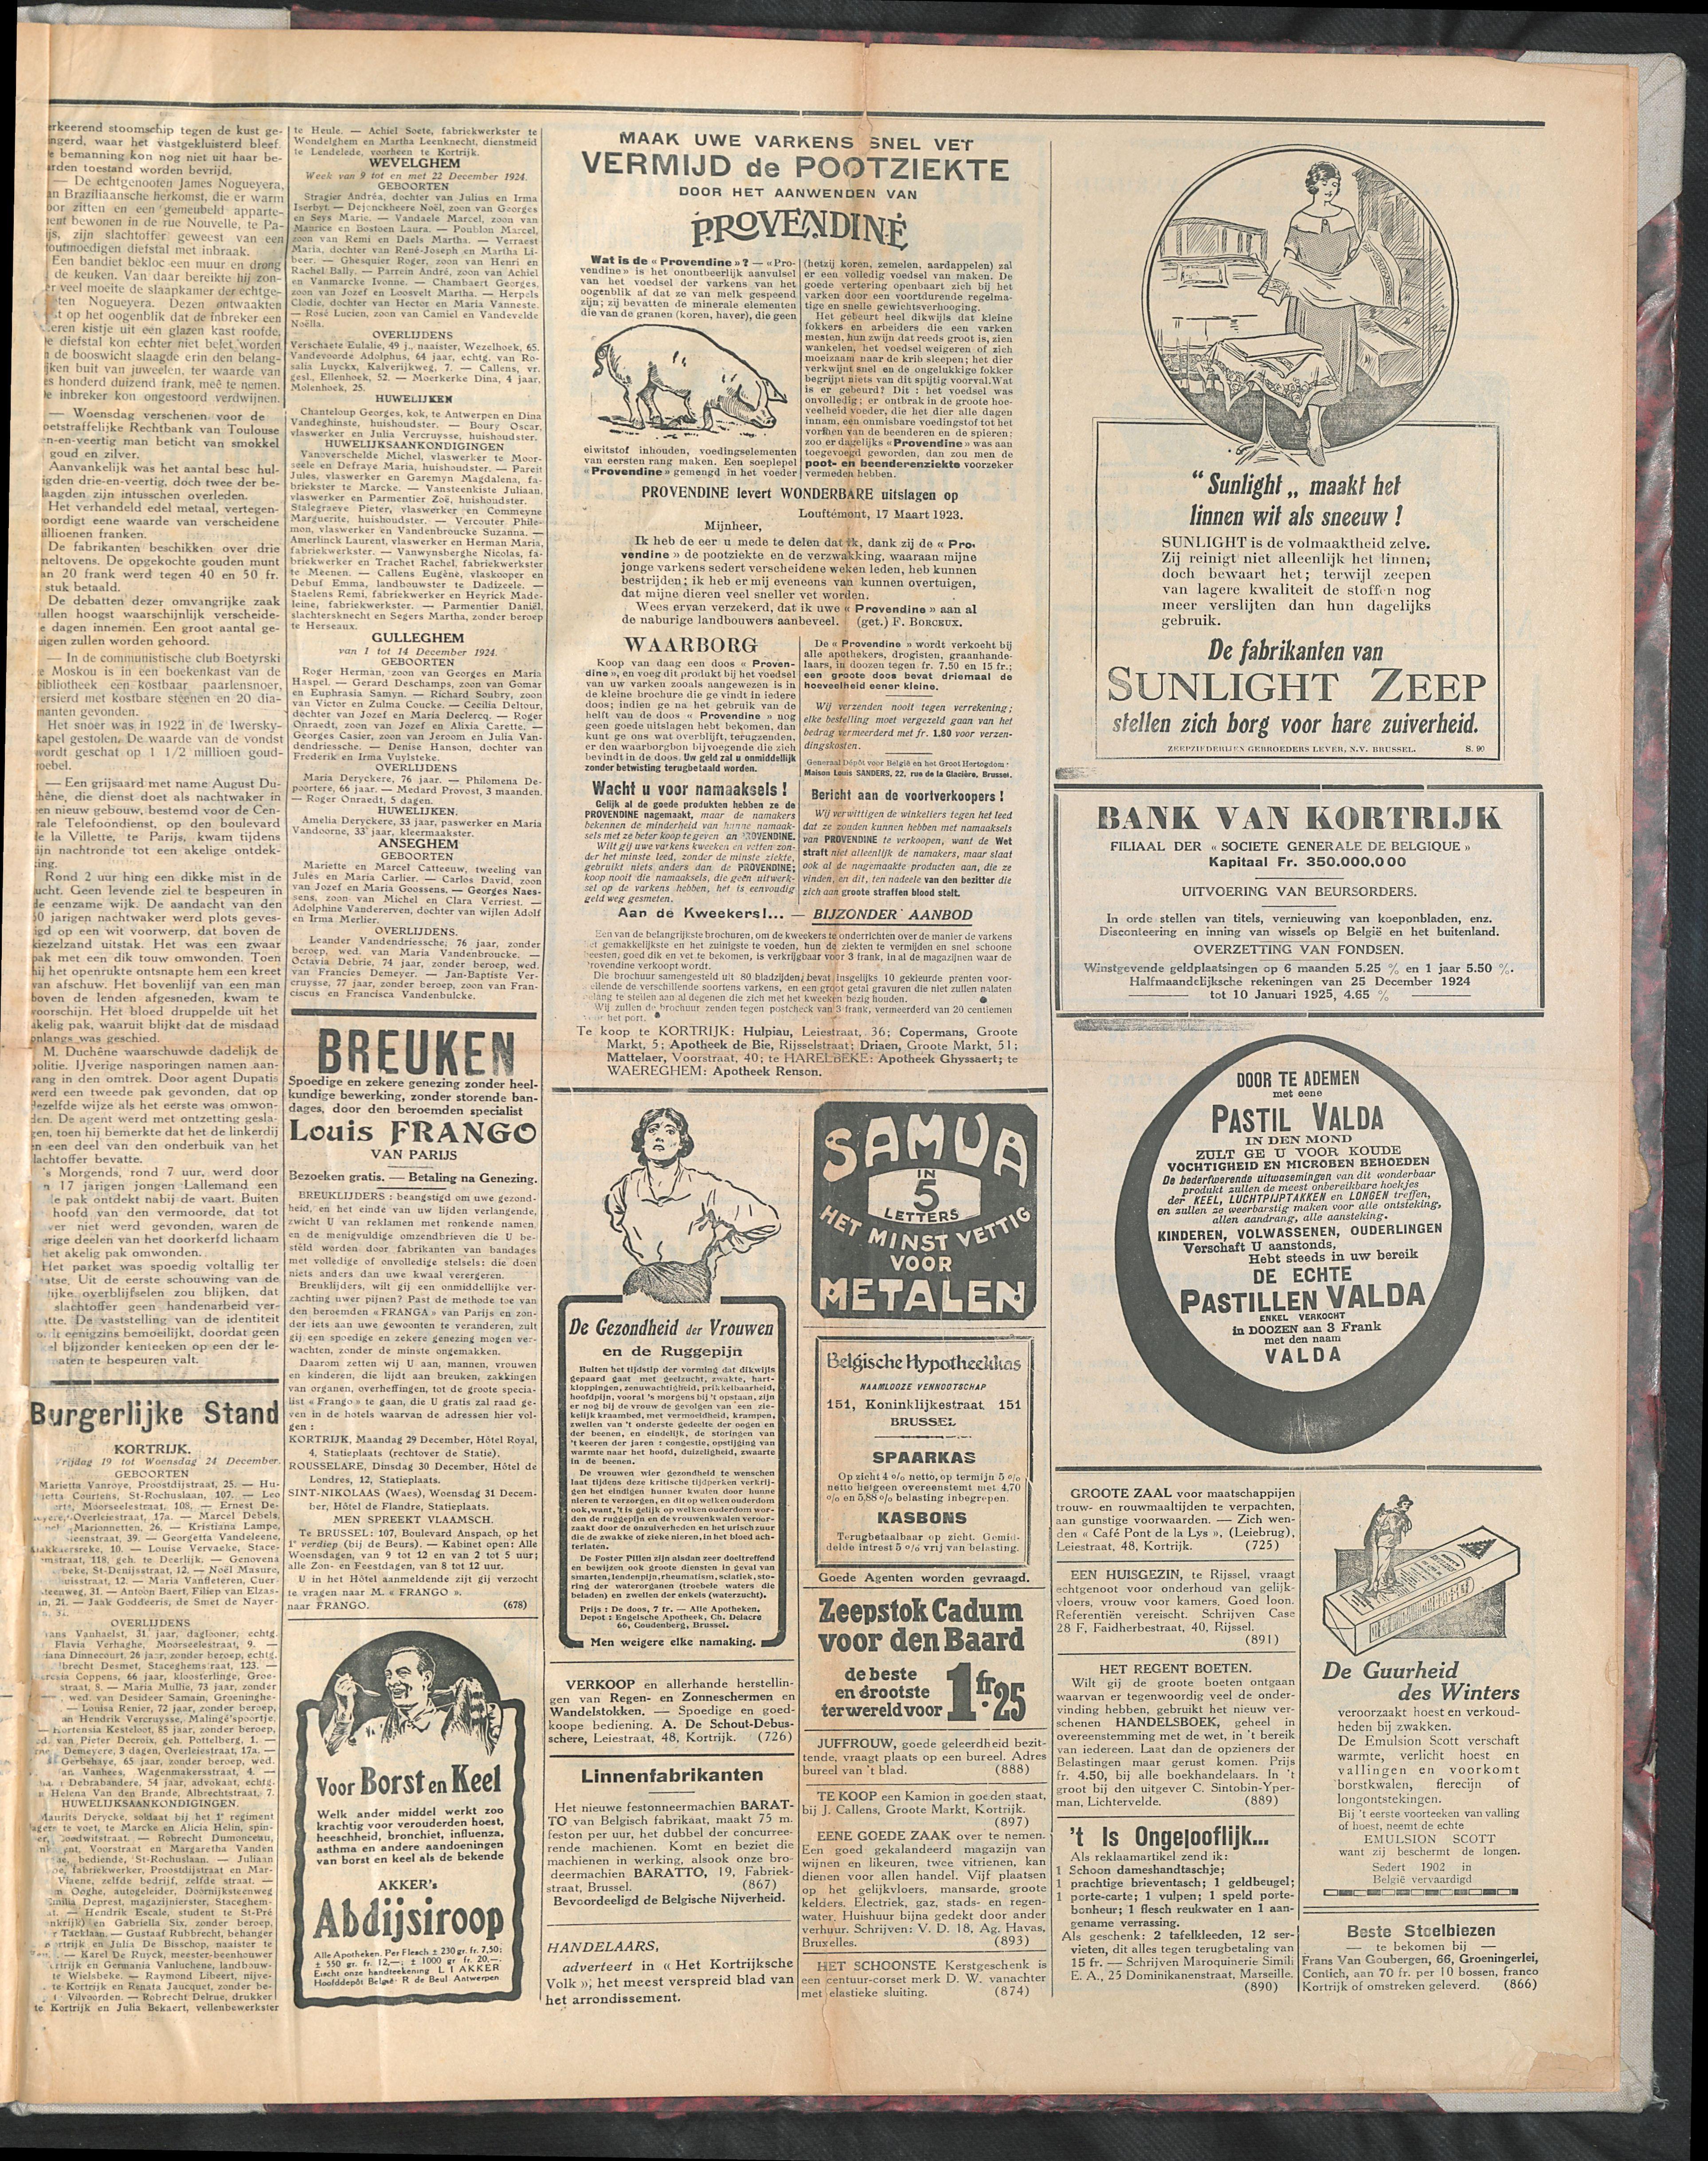 Het Kortrijksche Volk 1924-12-28 p3